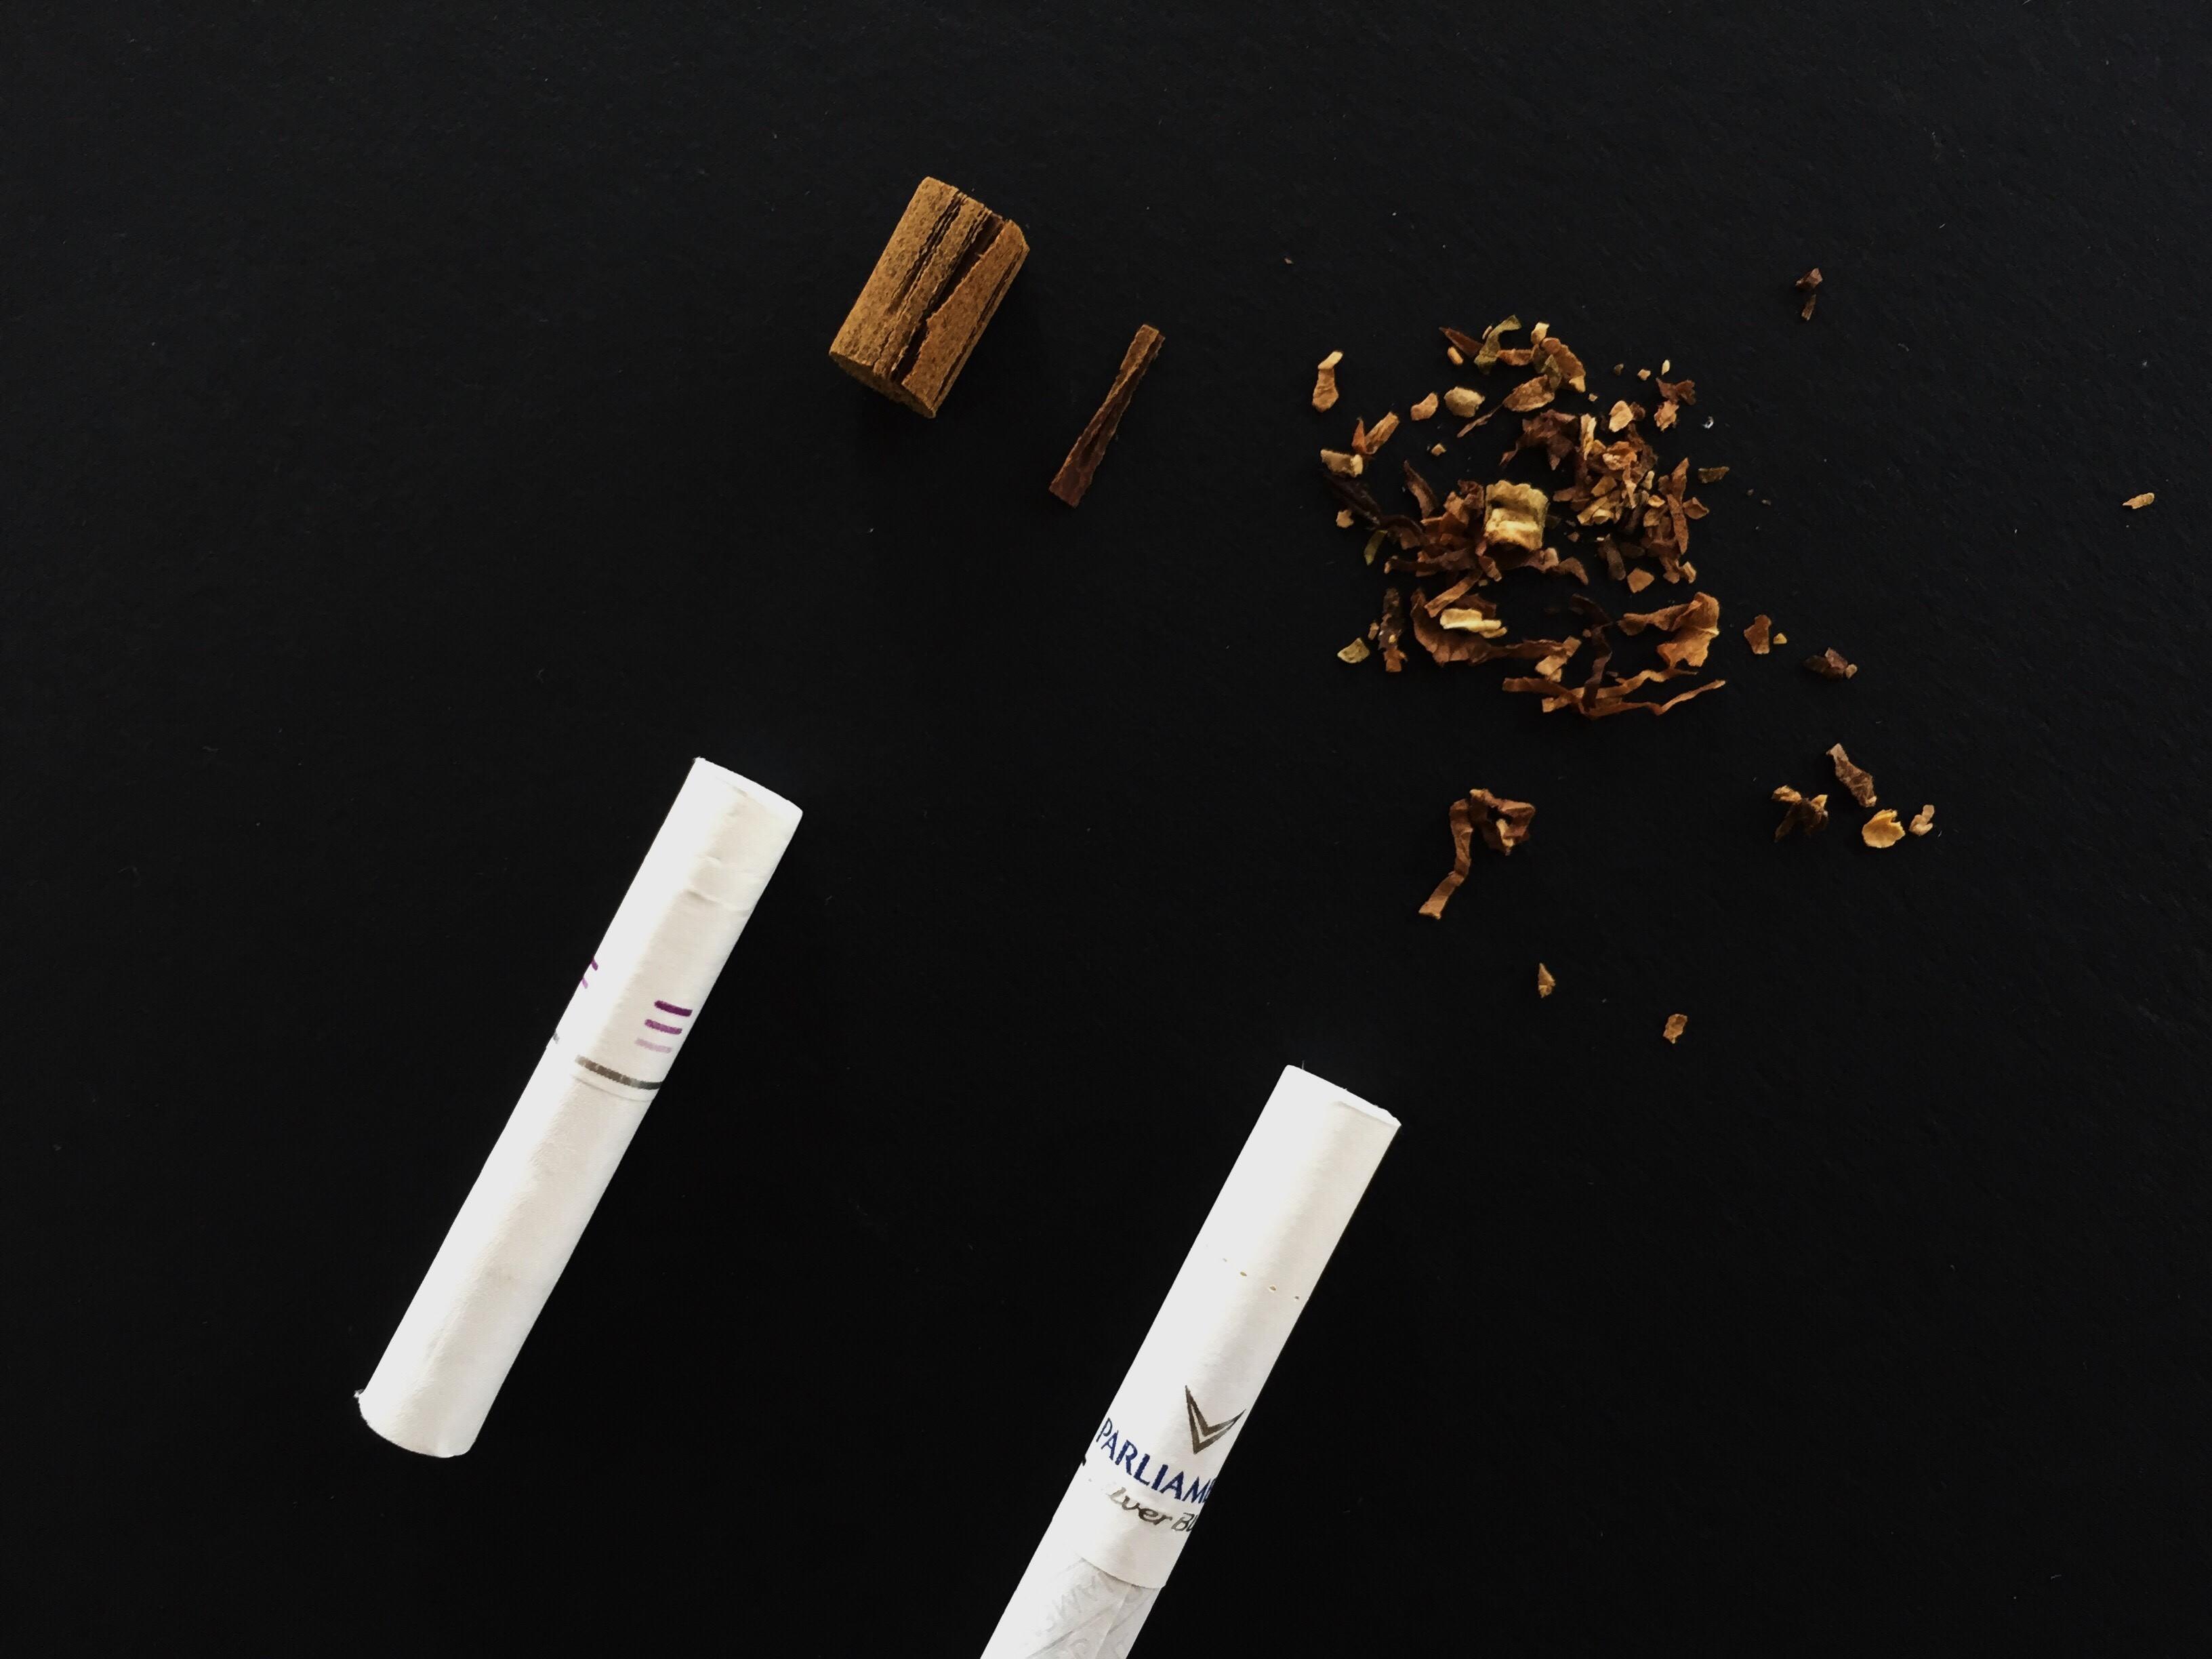 Для стиков используется натуральный табак, измельченный, спрессованный и обработанный по специальной технологии